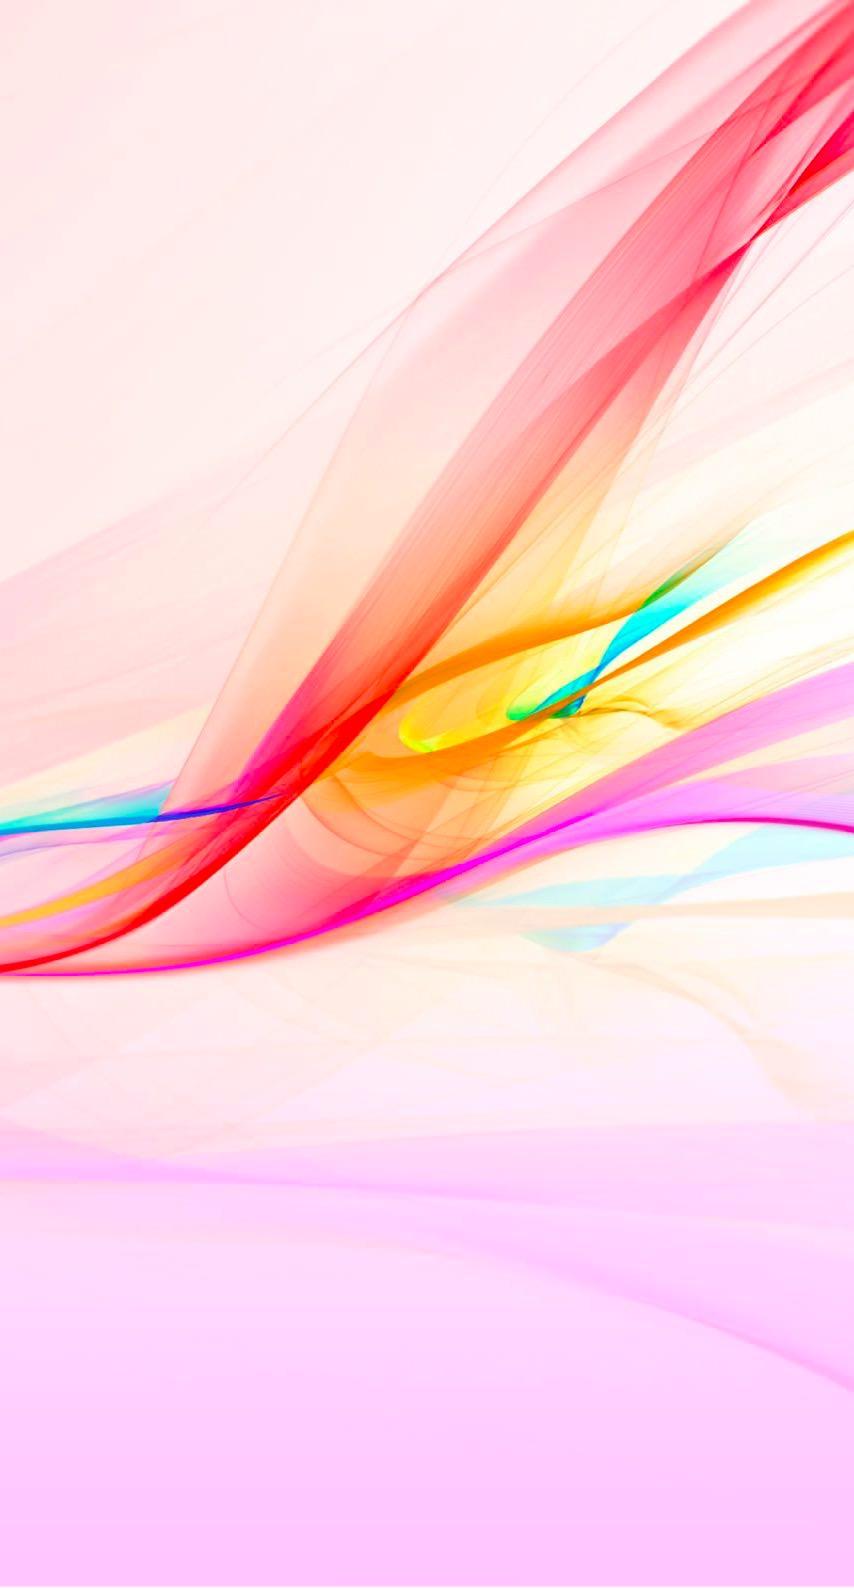 グラフィックカラフル可愛い Wallpaper Sc Iphone6s壁紙